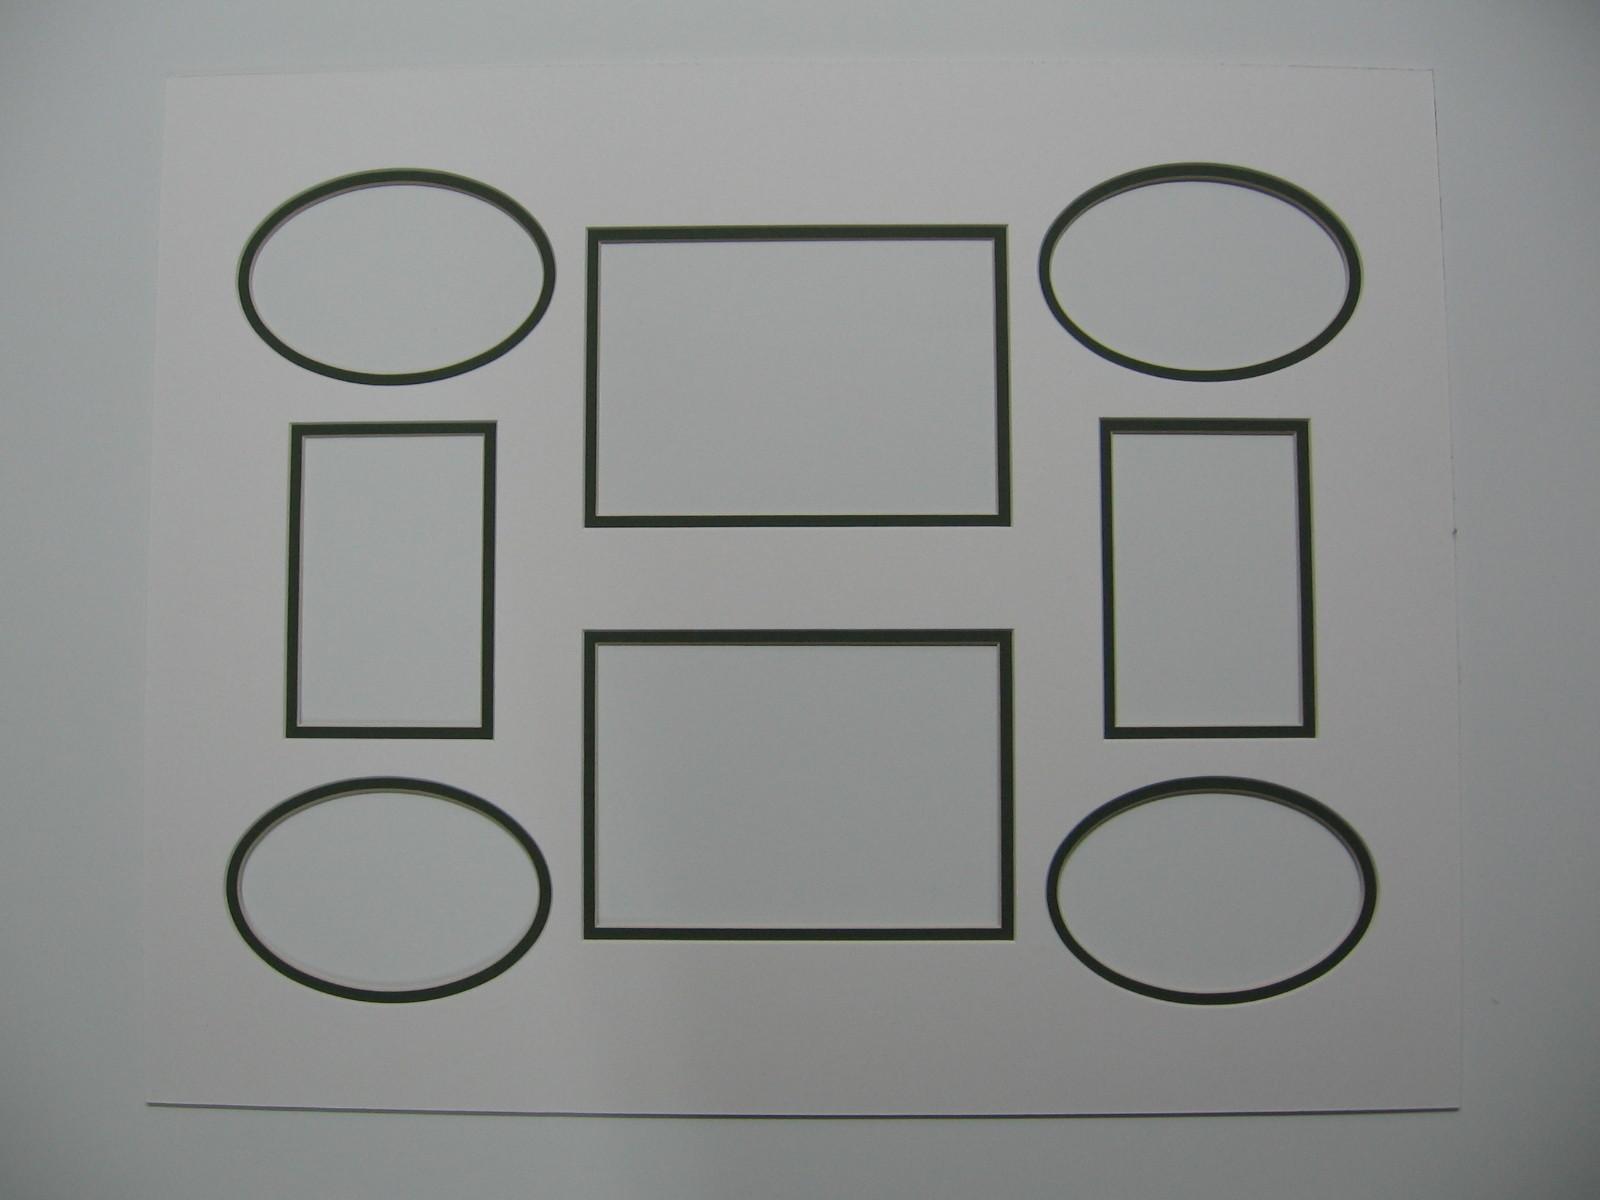 Passepartout a smusso doppio con finestrelle di differenti dimensioni e forma.